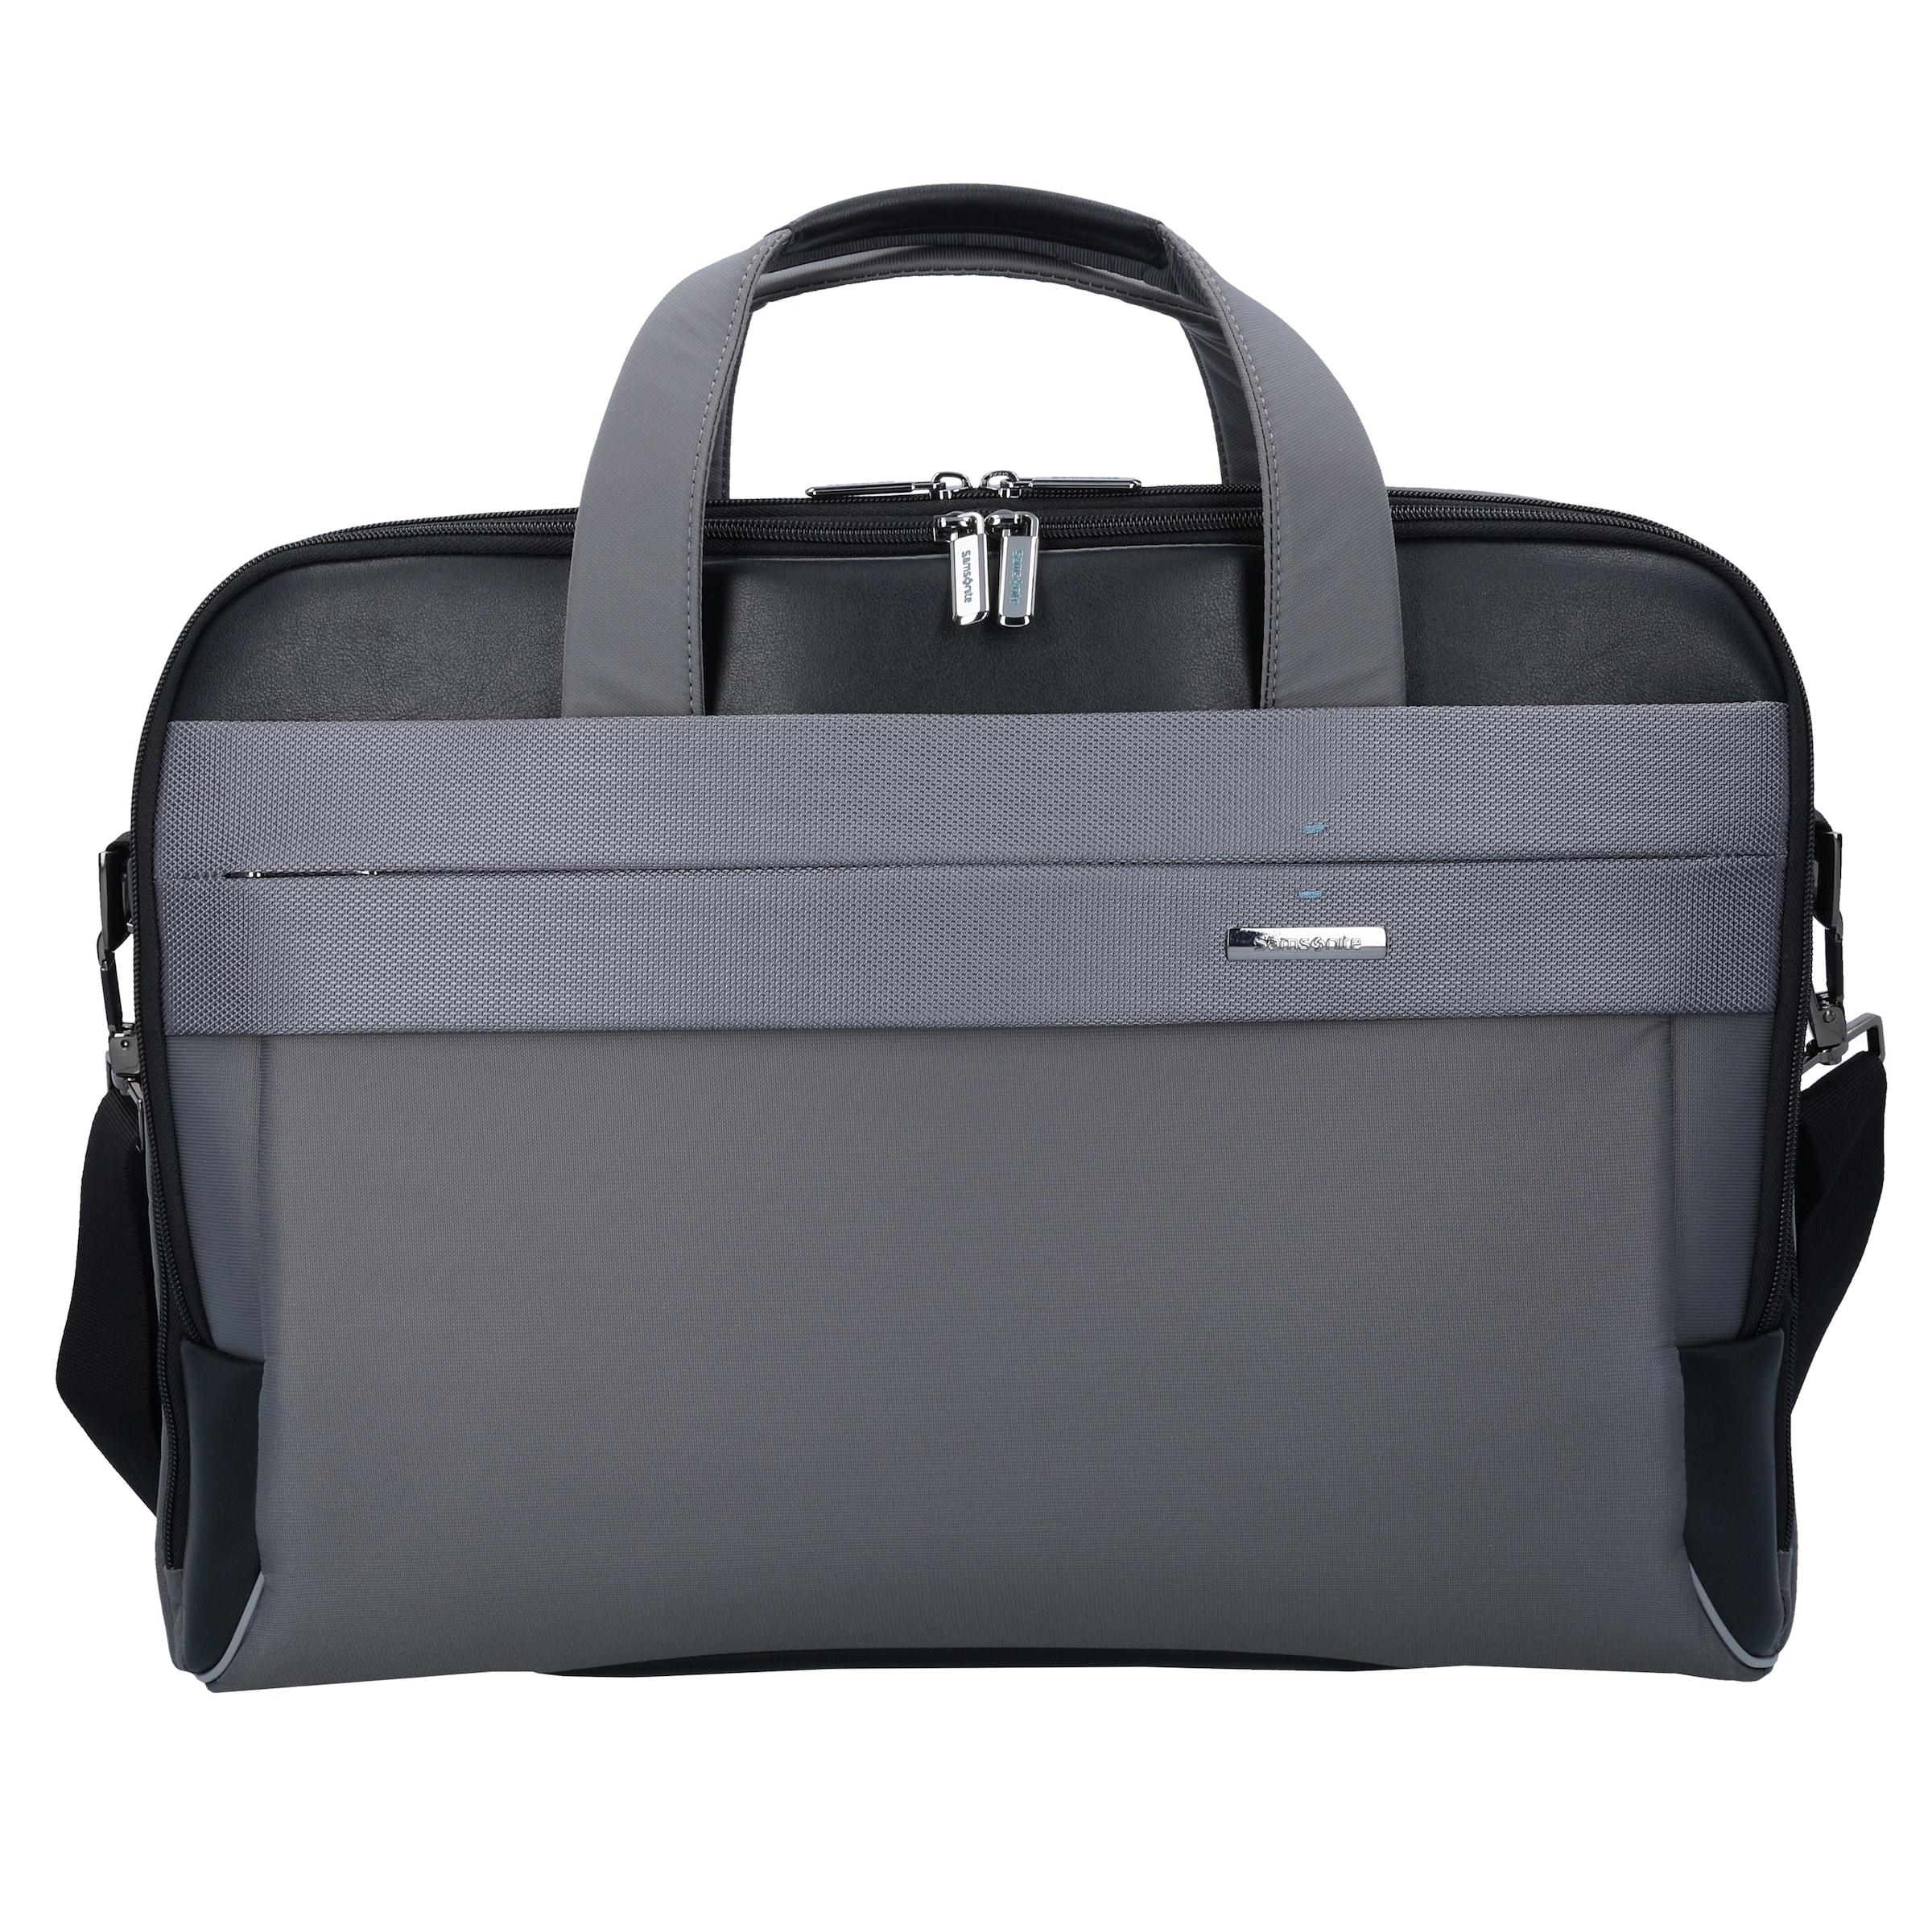 SAMSONITE Spectrolite 2.0 Businesstasche 46 cm Laptopfach Zuverlässig Freies Verschiffen 2018 Neue Beste Authentisch ED4oFYyuTI